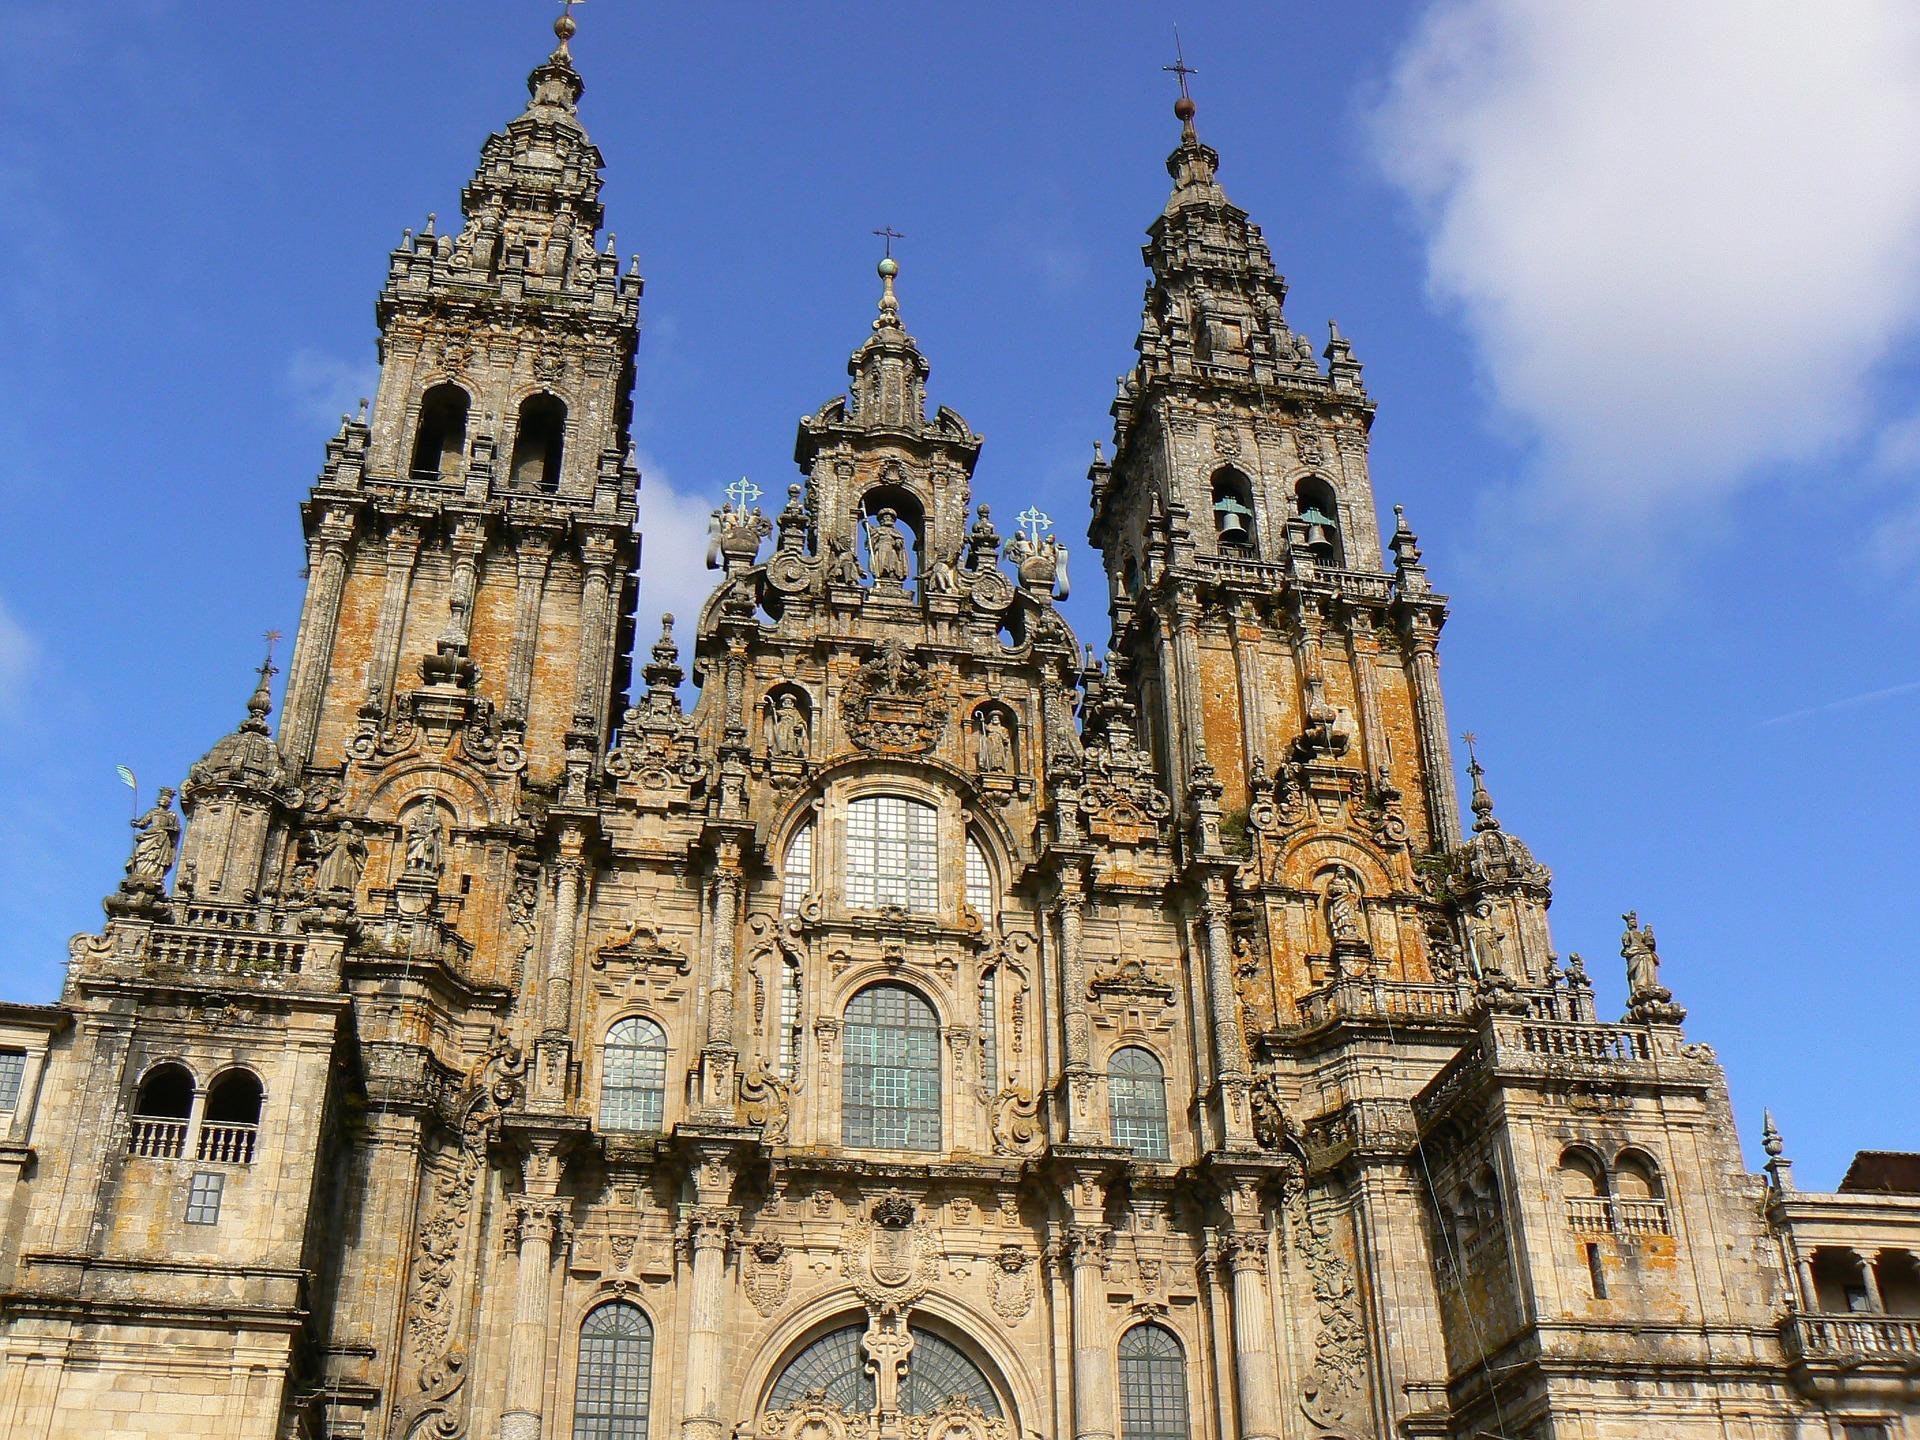 Cathedral of Santiago de Compostela, where Saint James' bones apparently lie.